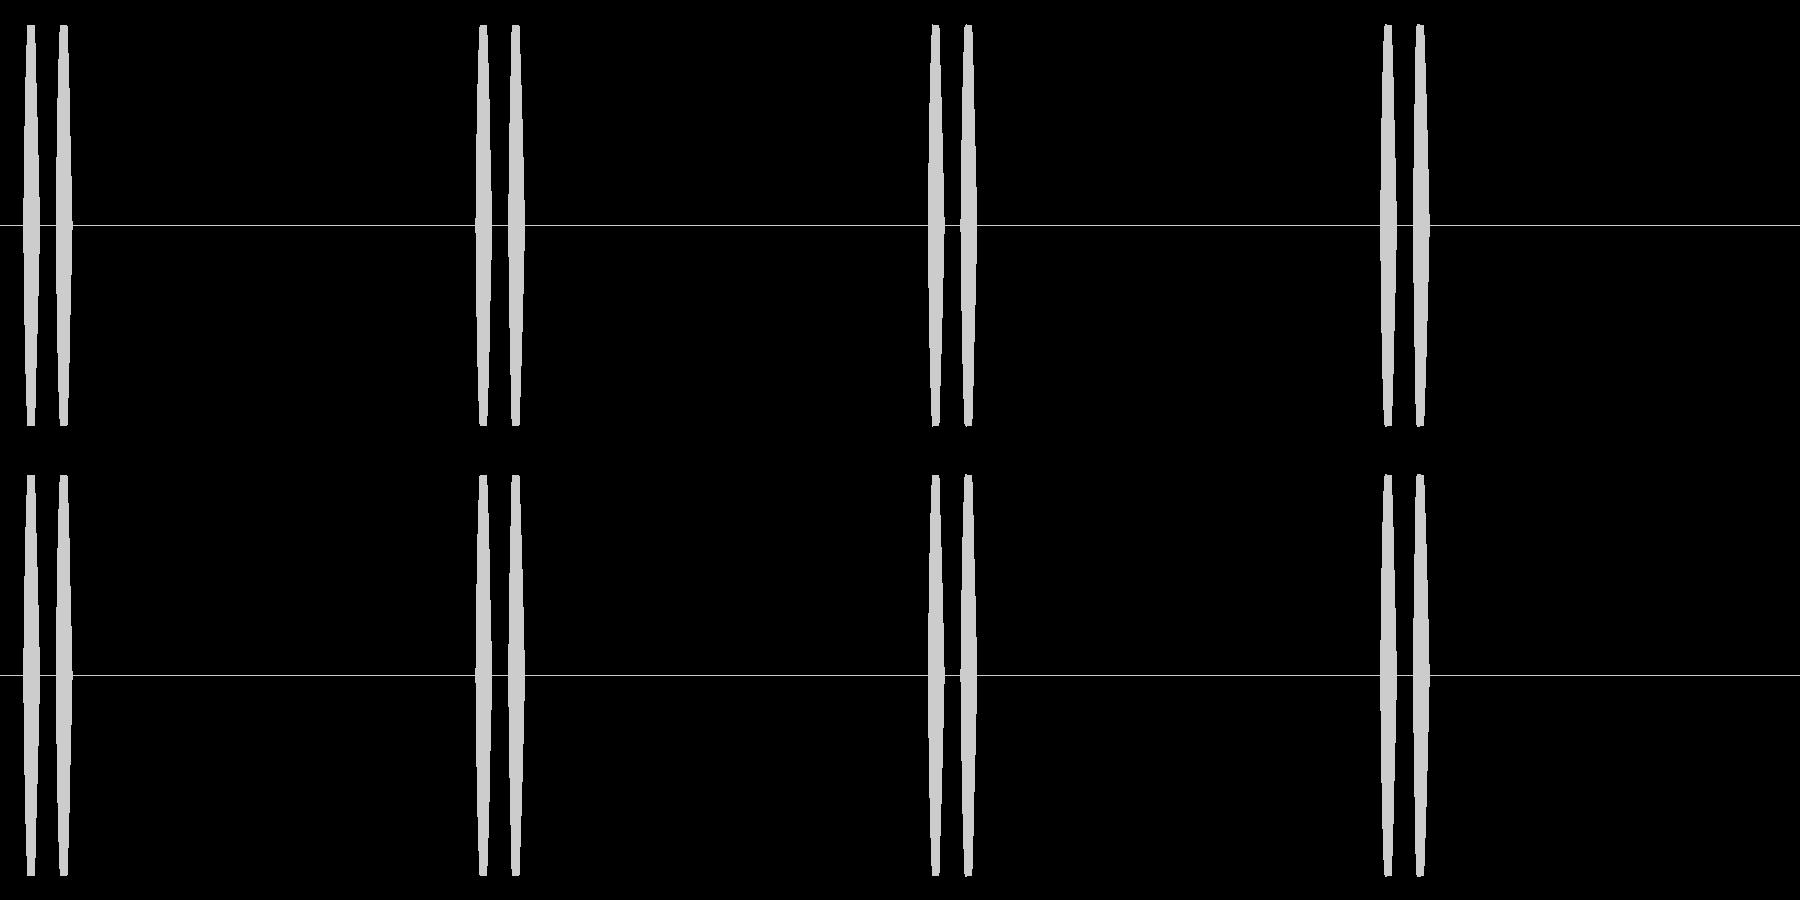 横断歩道 誘導音03-2(ループ) の未再生の波形